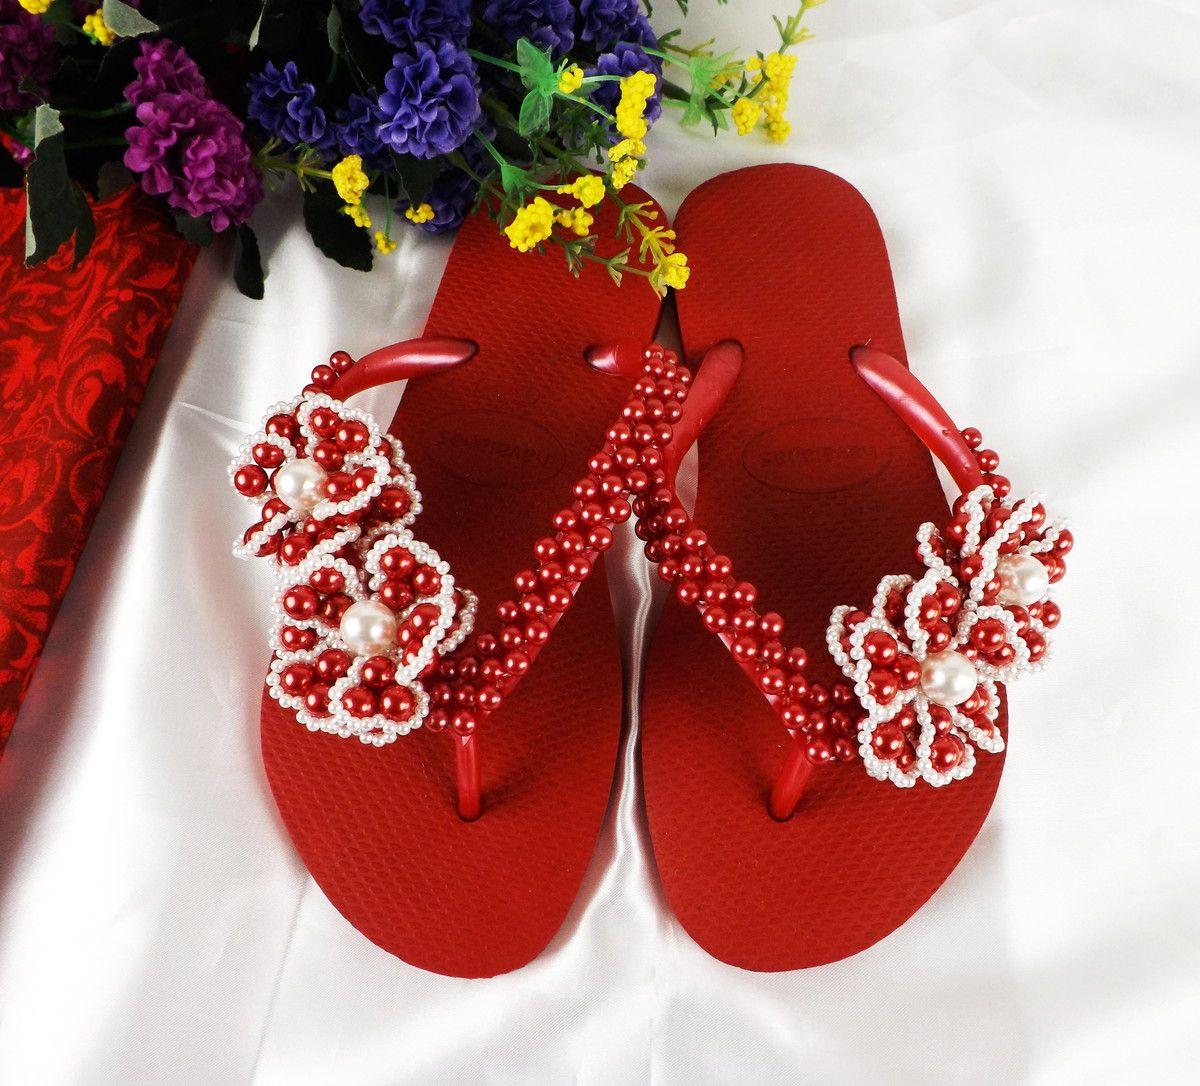 f7bfe9262d Chinelo Havaianas personalizado com um bordado simples de pérolas e lindas  flores vermelhas na tira.